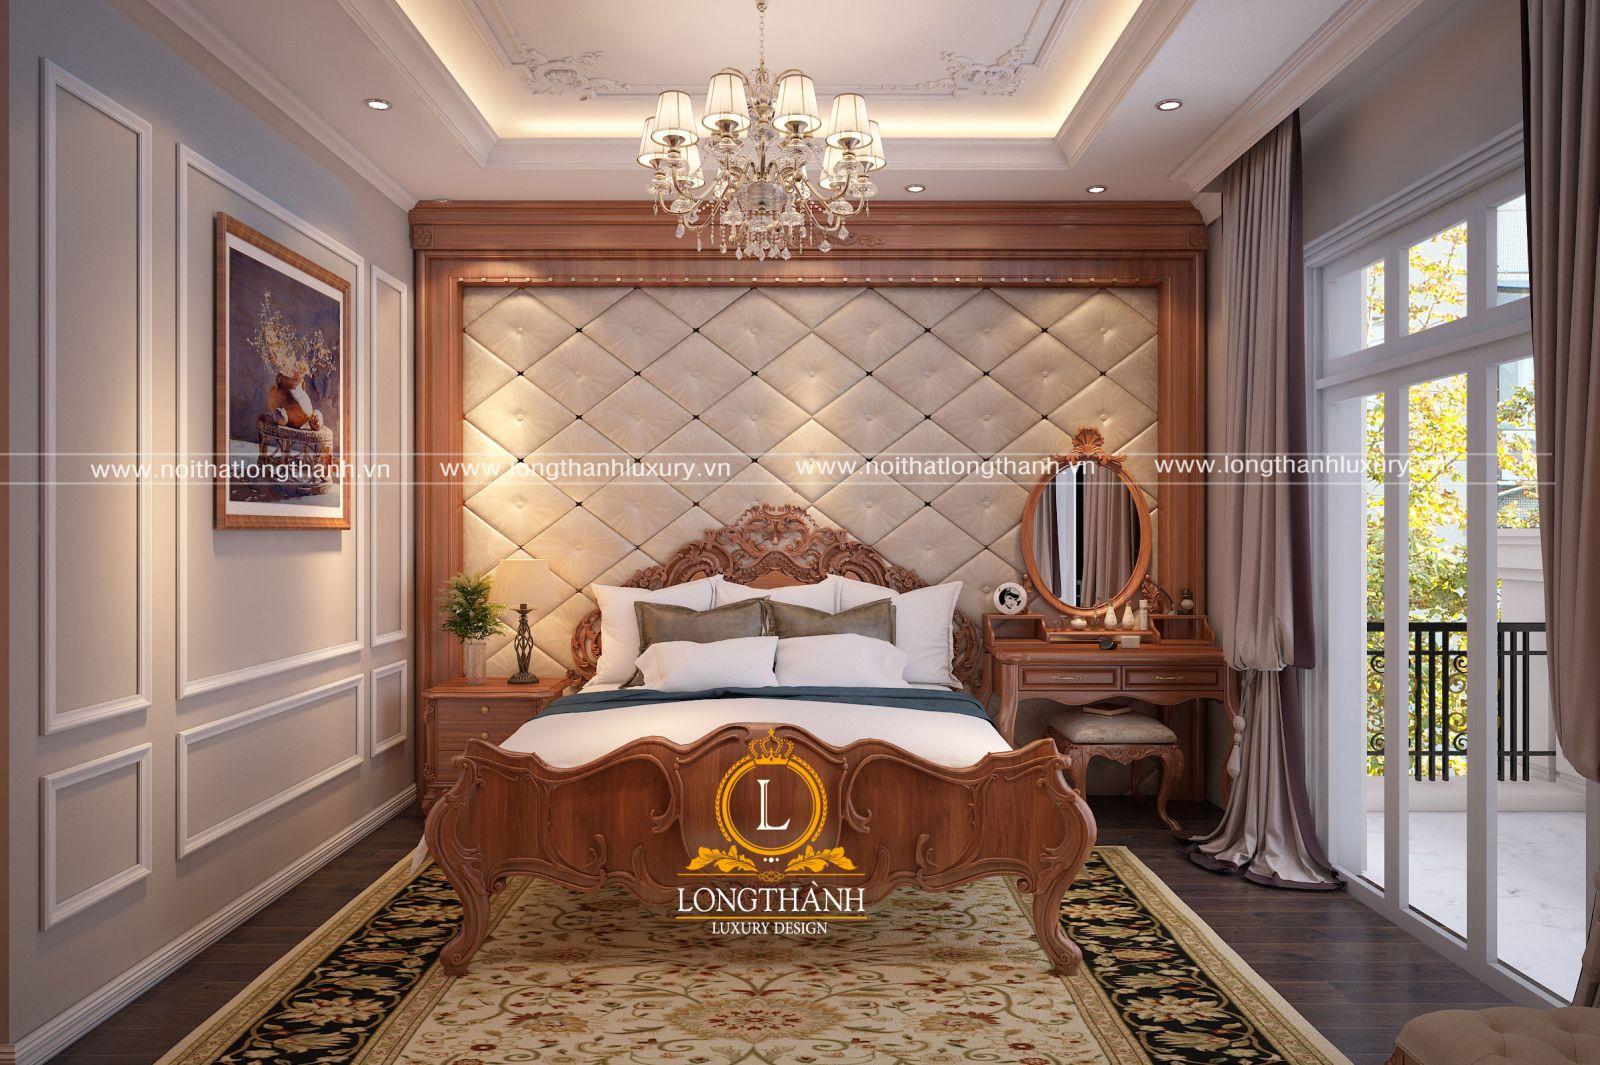 Căn phòng ngủ đẹp sang trọng mà gần gũi